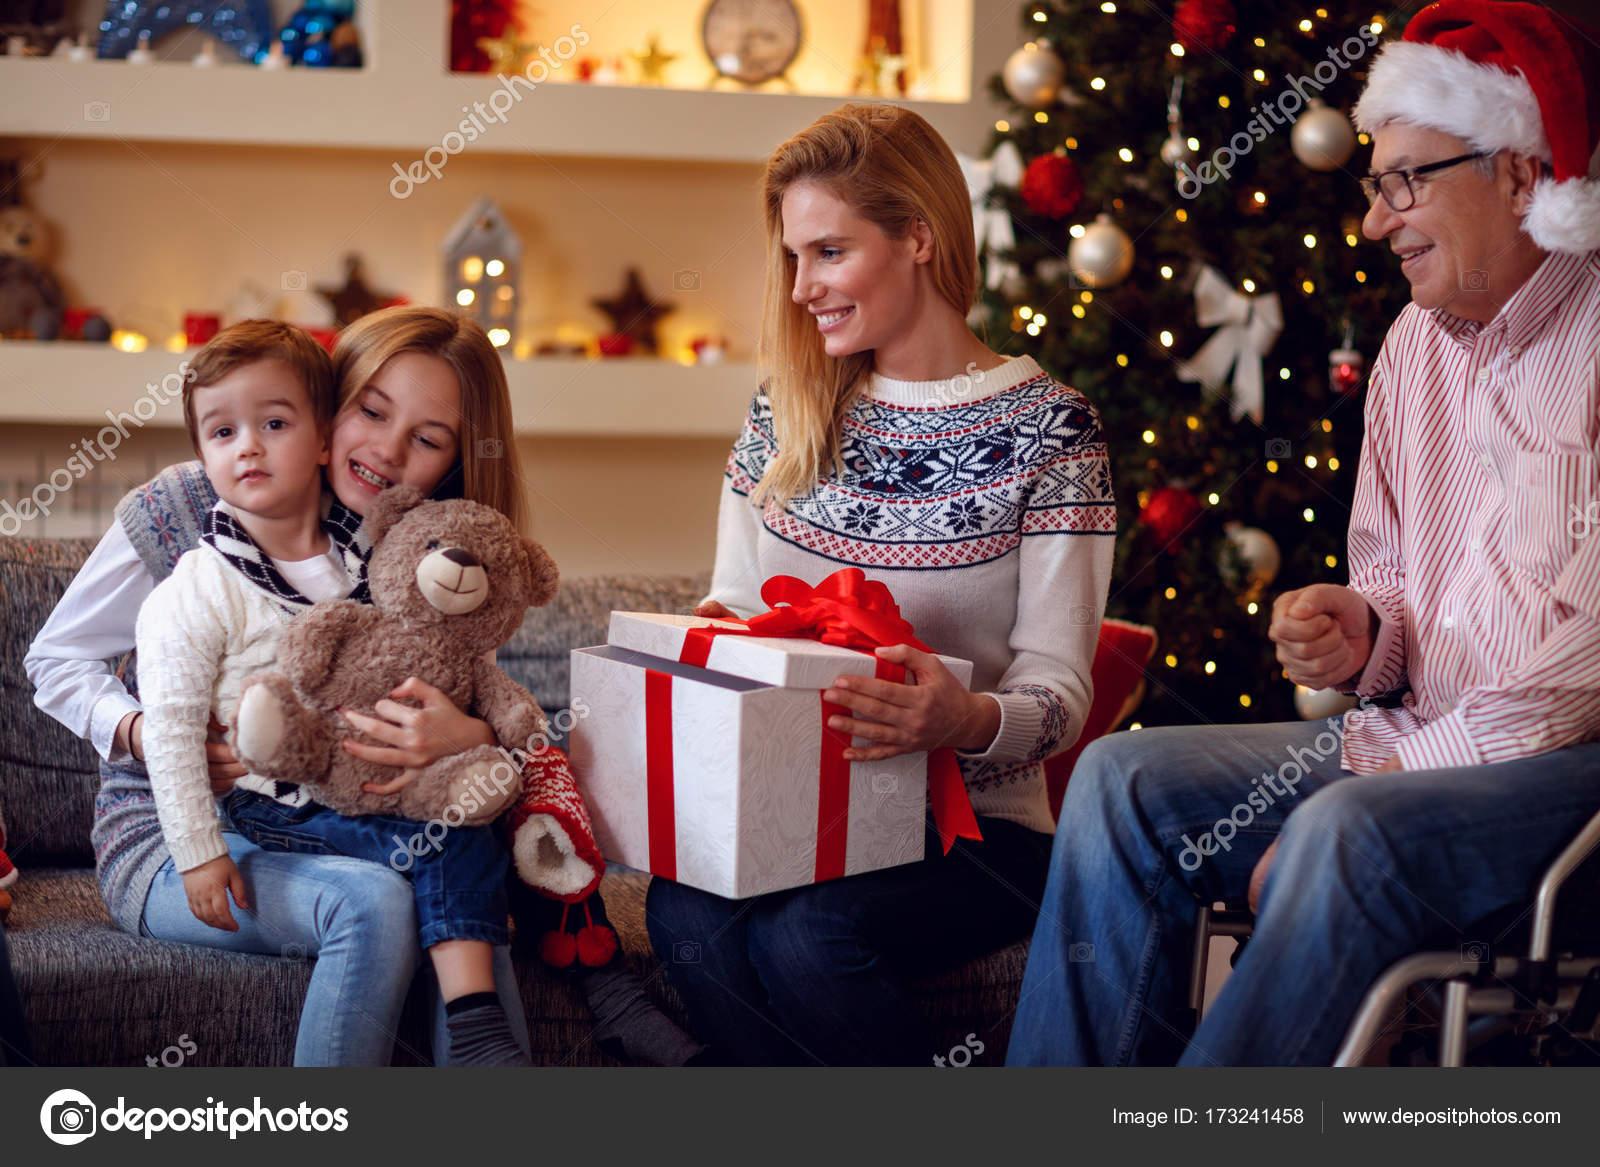 Austausch von Familie Weihnachtsgeschenke zu Weihnachten Geschenke ...